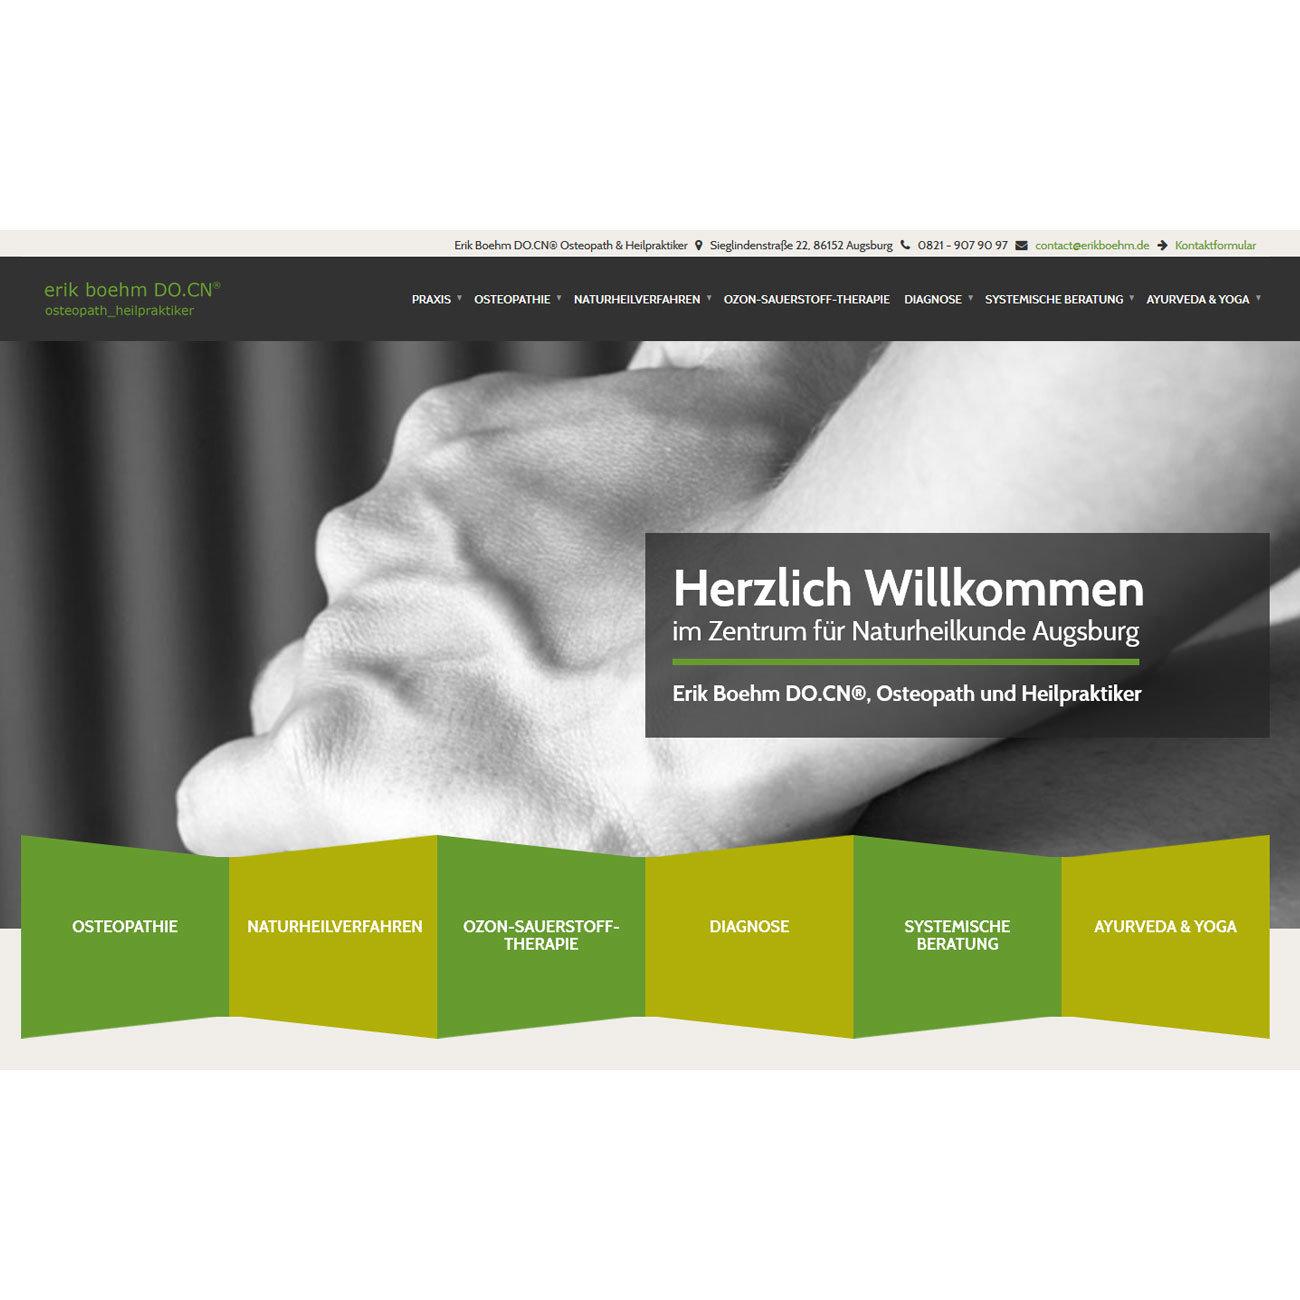 Erik Boehm DO.CN®, Osteopath und Heilpraktiker